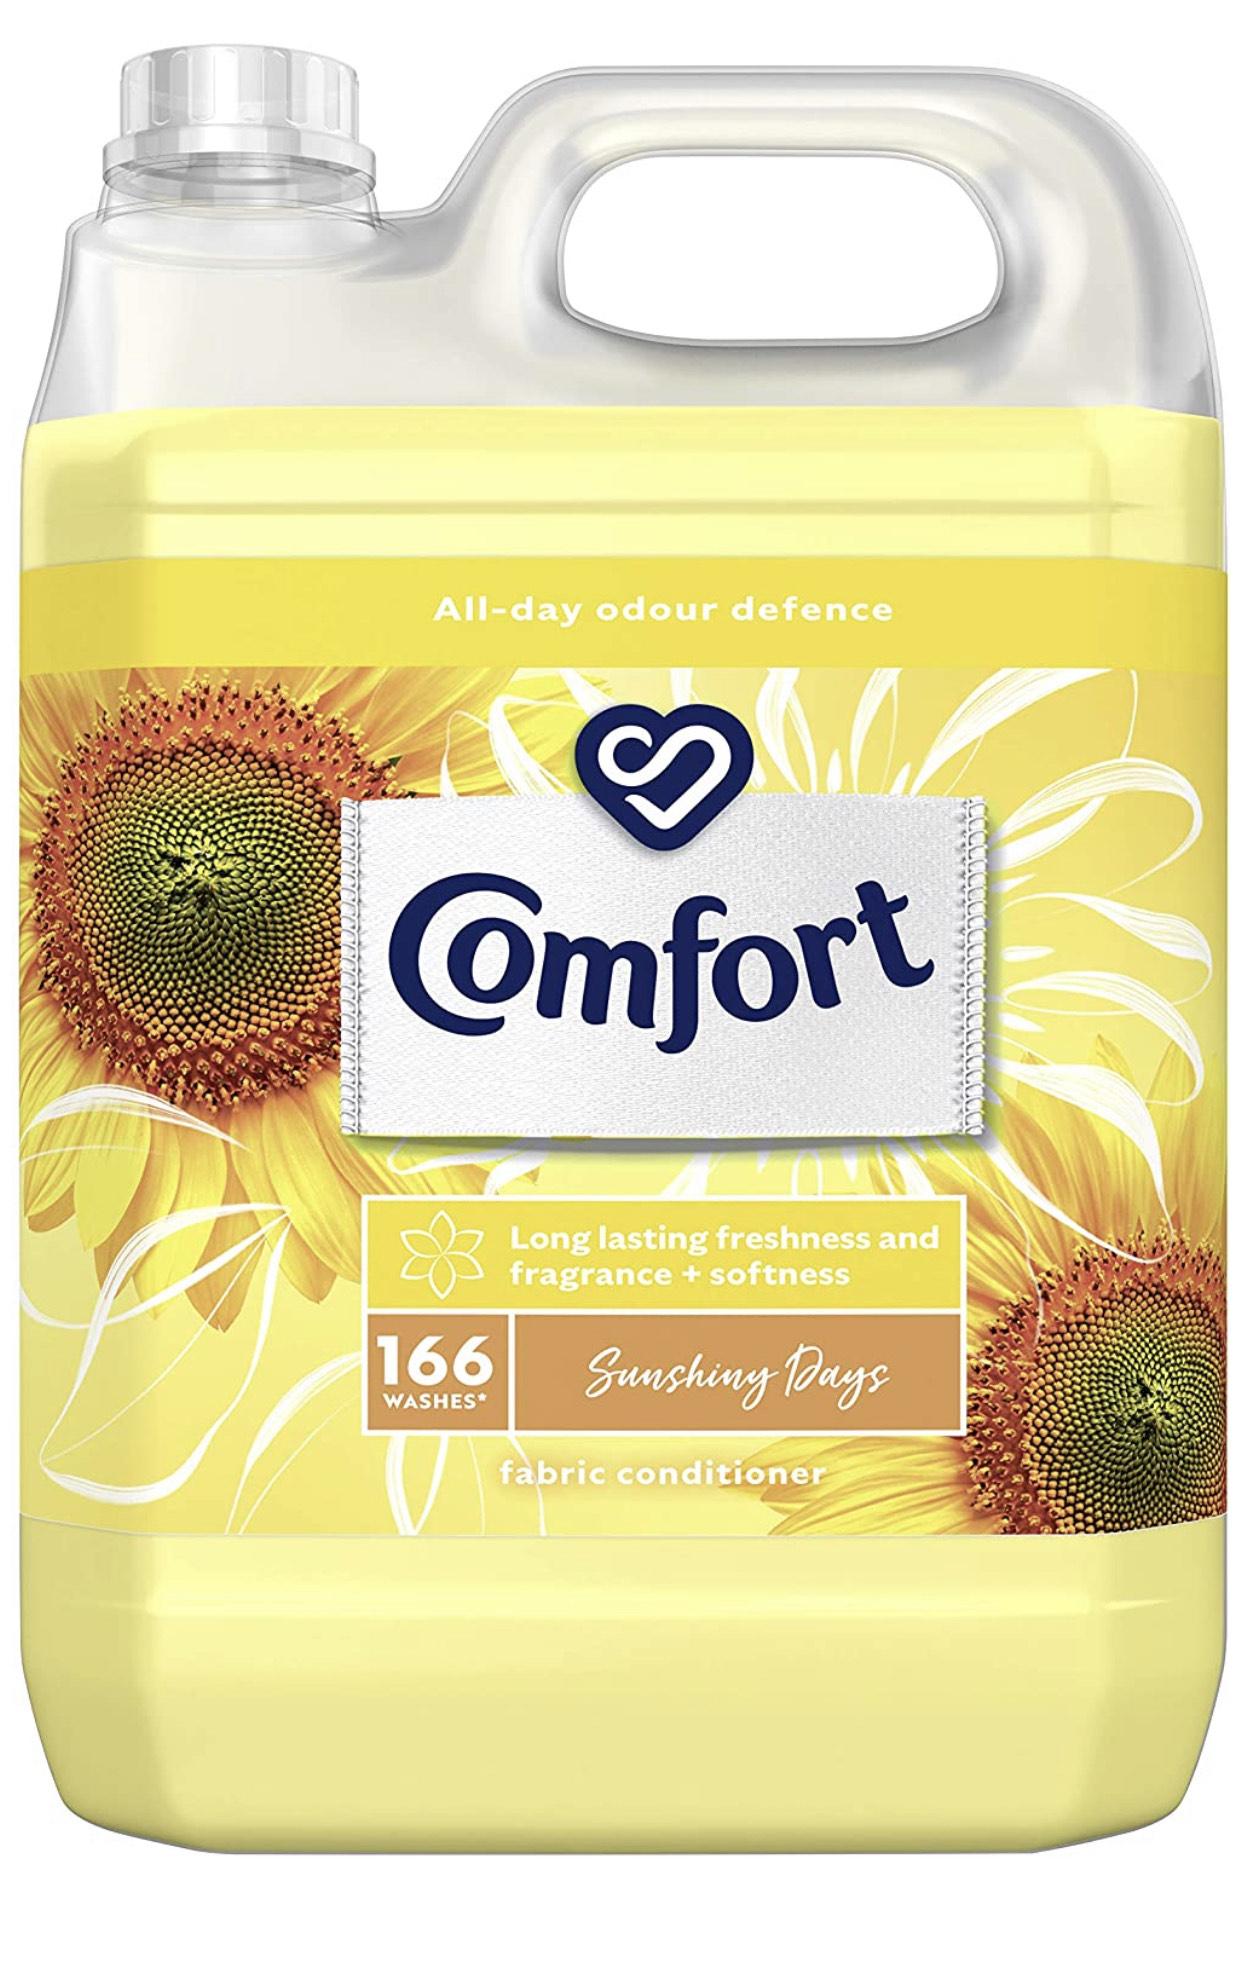 Comfort Sunshiny Days Fabric Conditioner 5 litre £6 (+£4.49 non-prime) @ Amazon